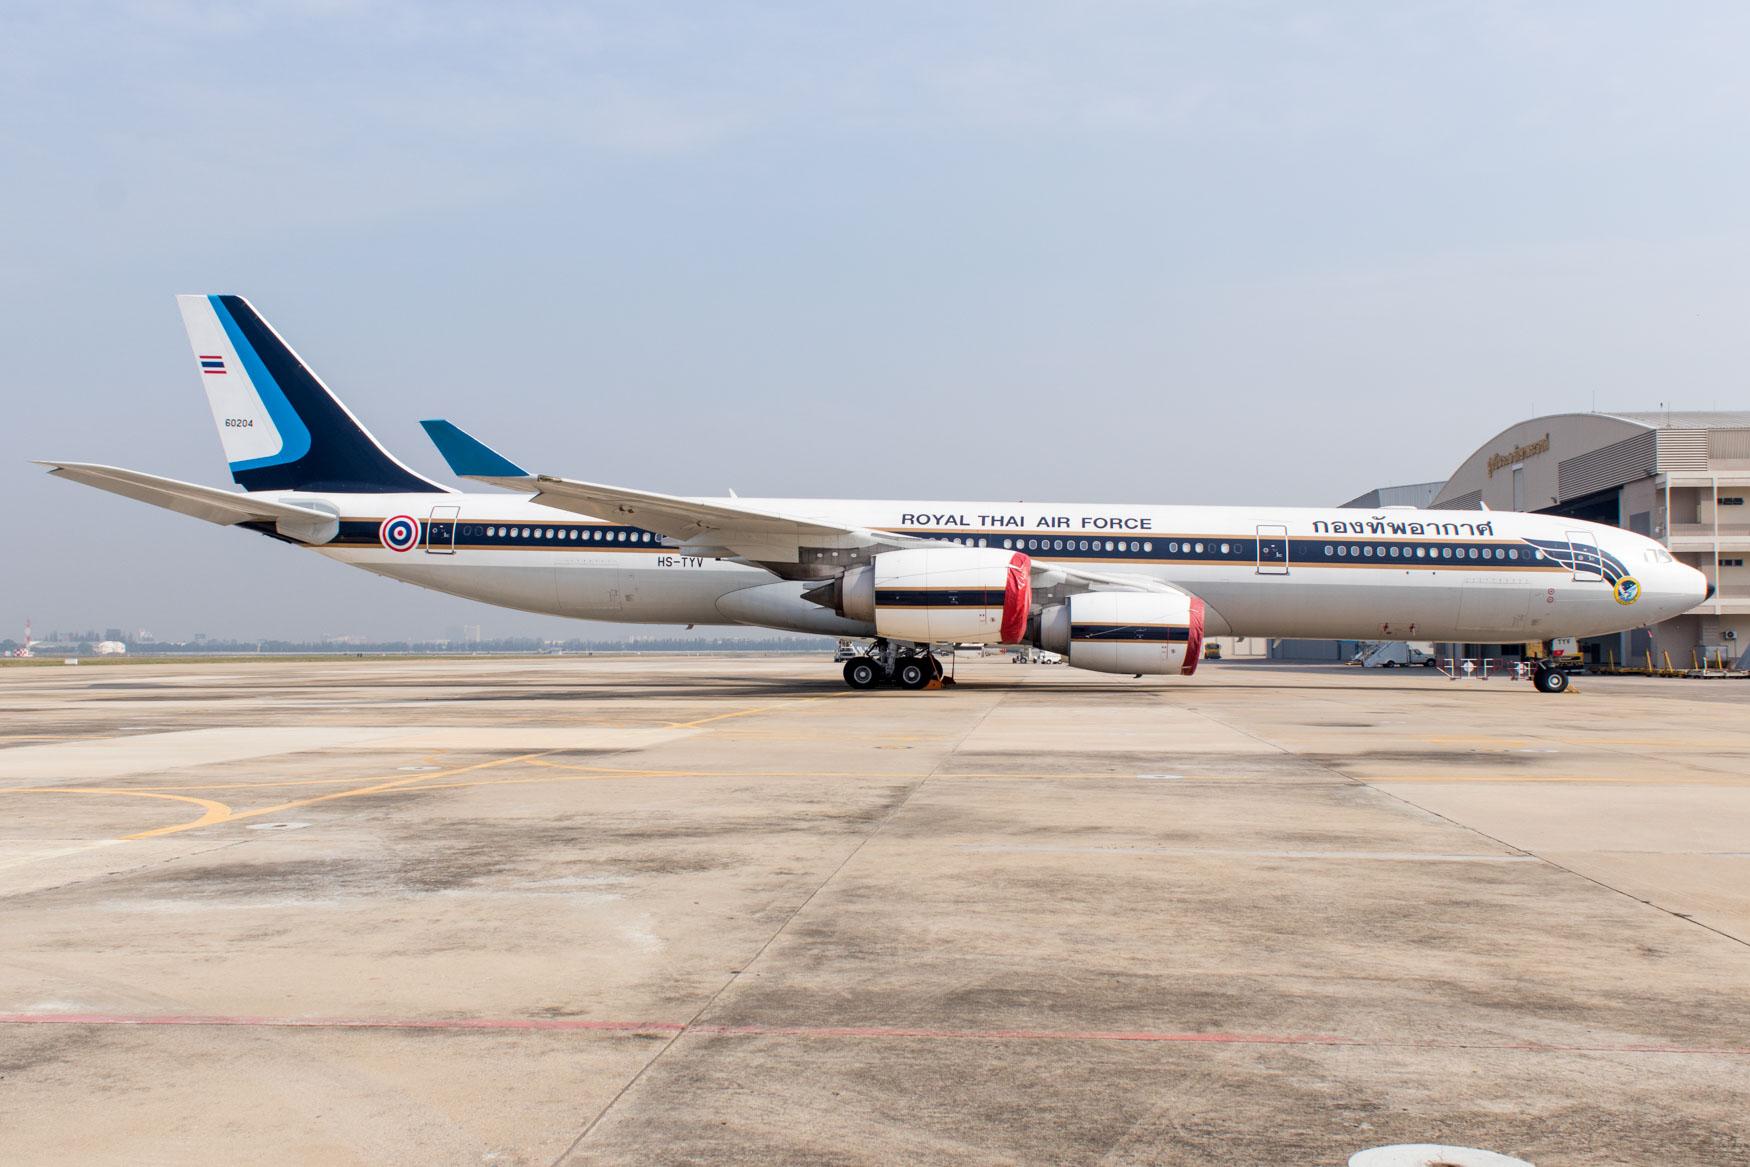 Thai Air Force Airbus A340-500